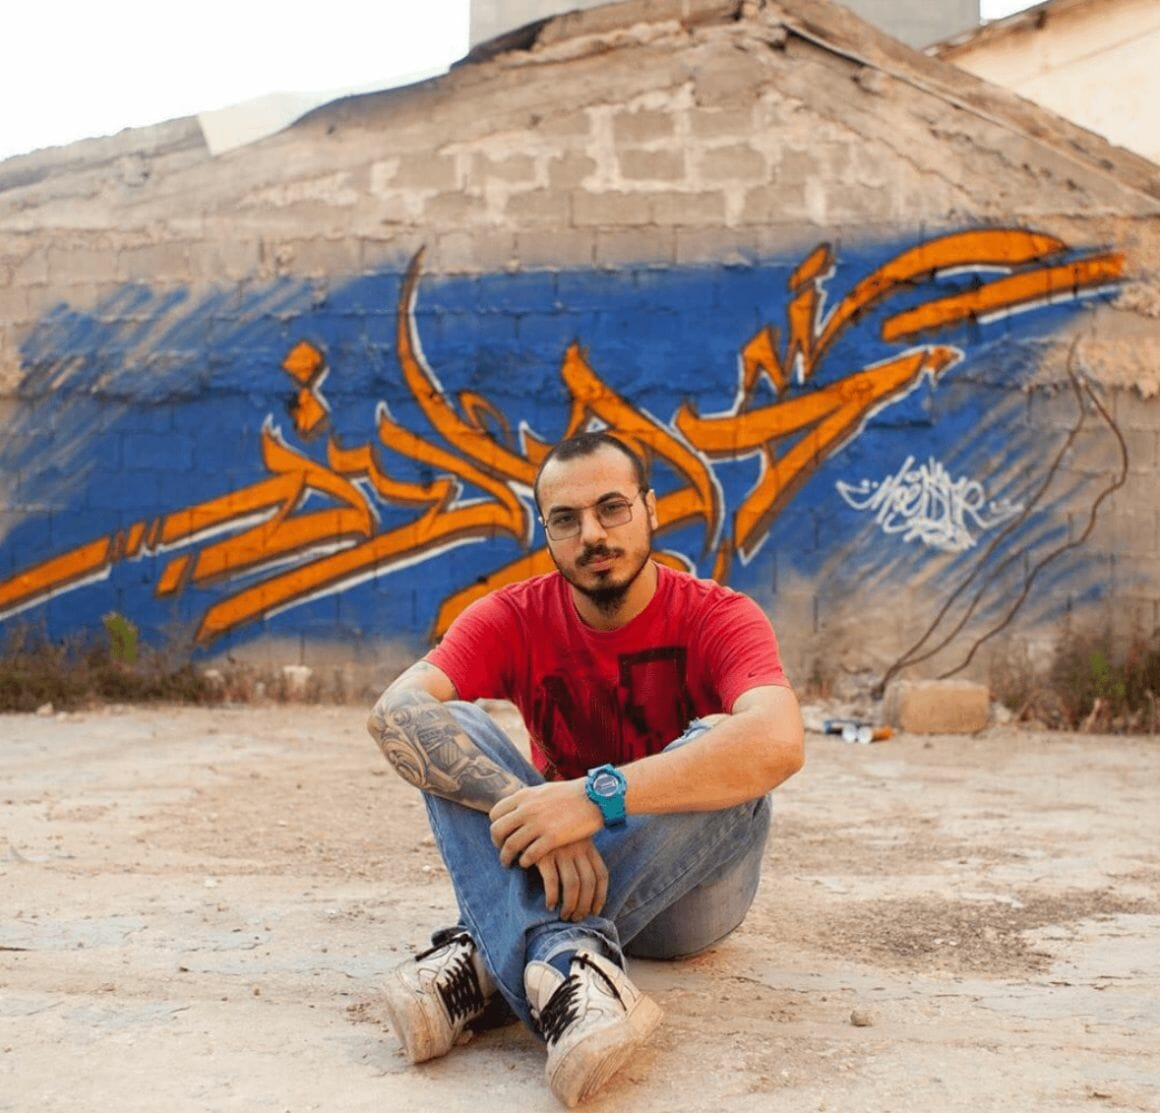 Le graffeur libanais Moe  extrait de la série bombing beirut (@moecalligraffiti)